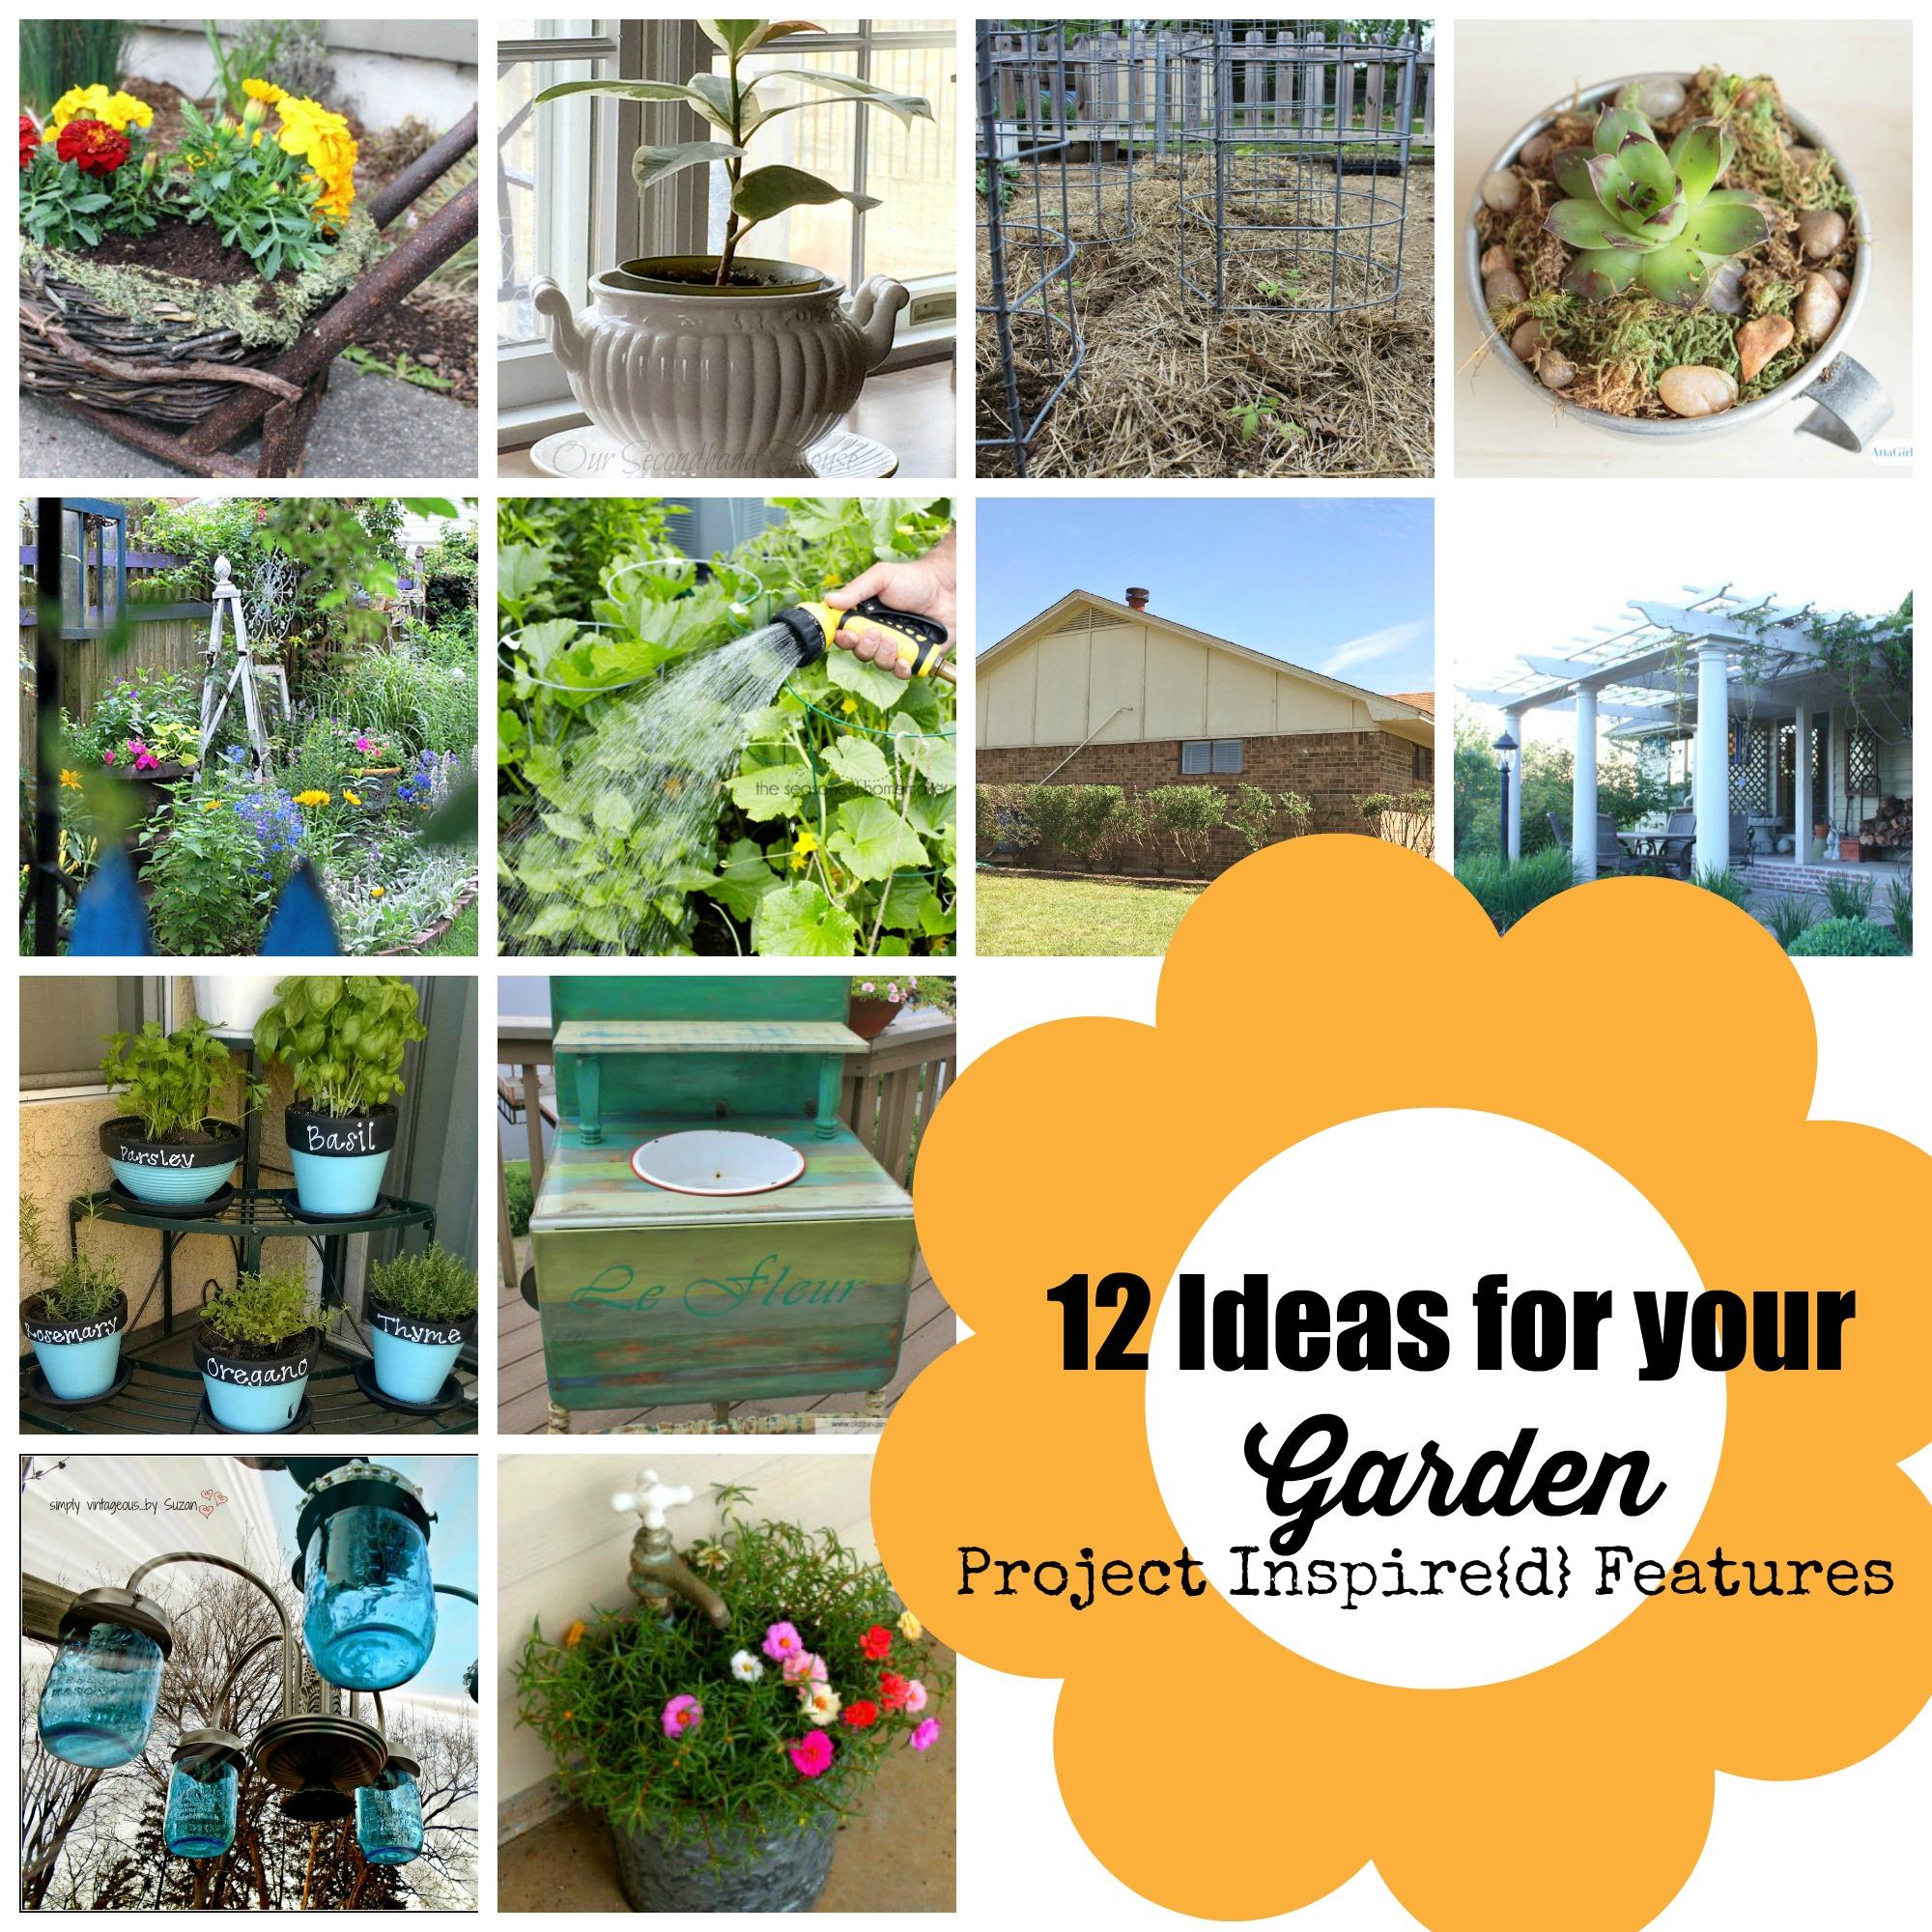 A Dozen Ideas for Your Garden